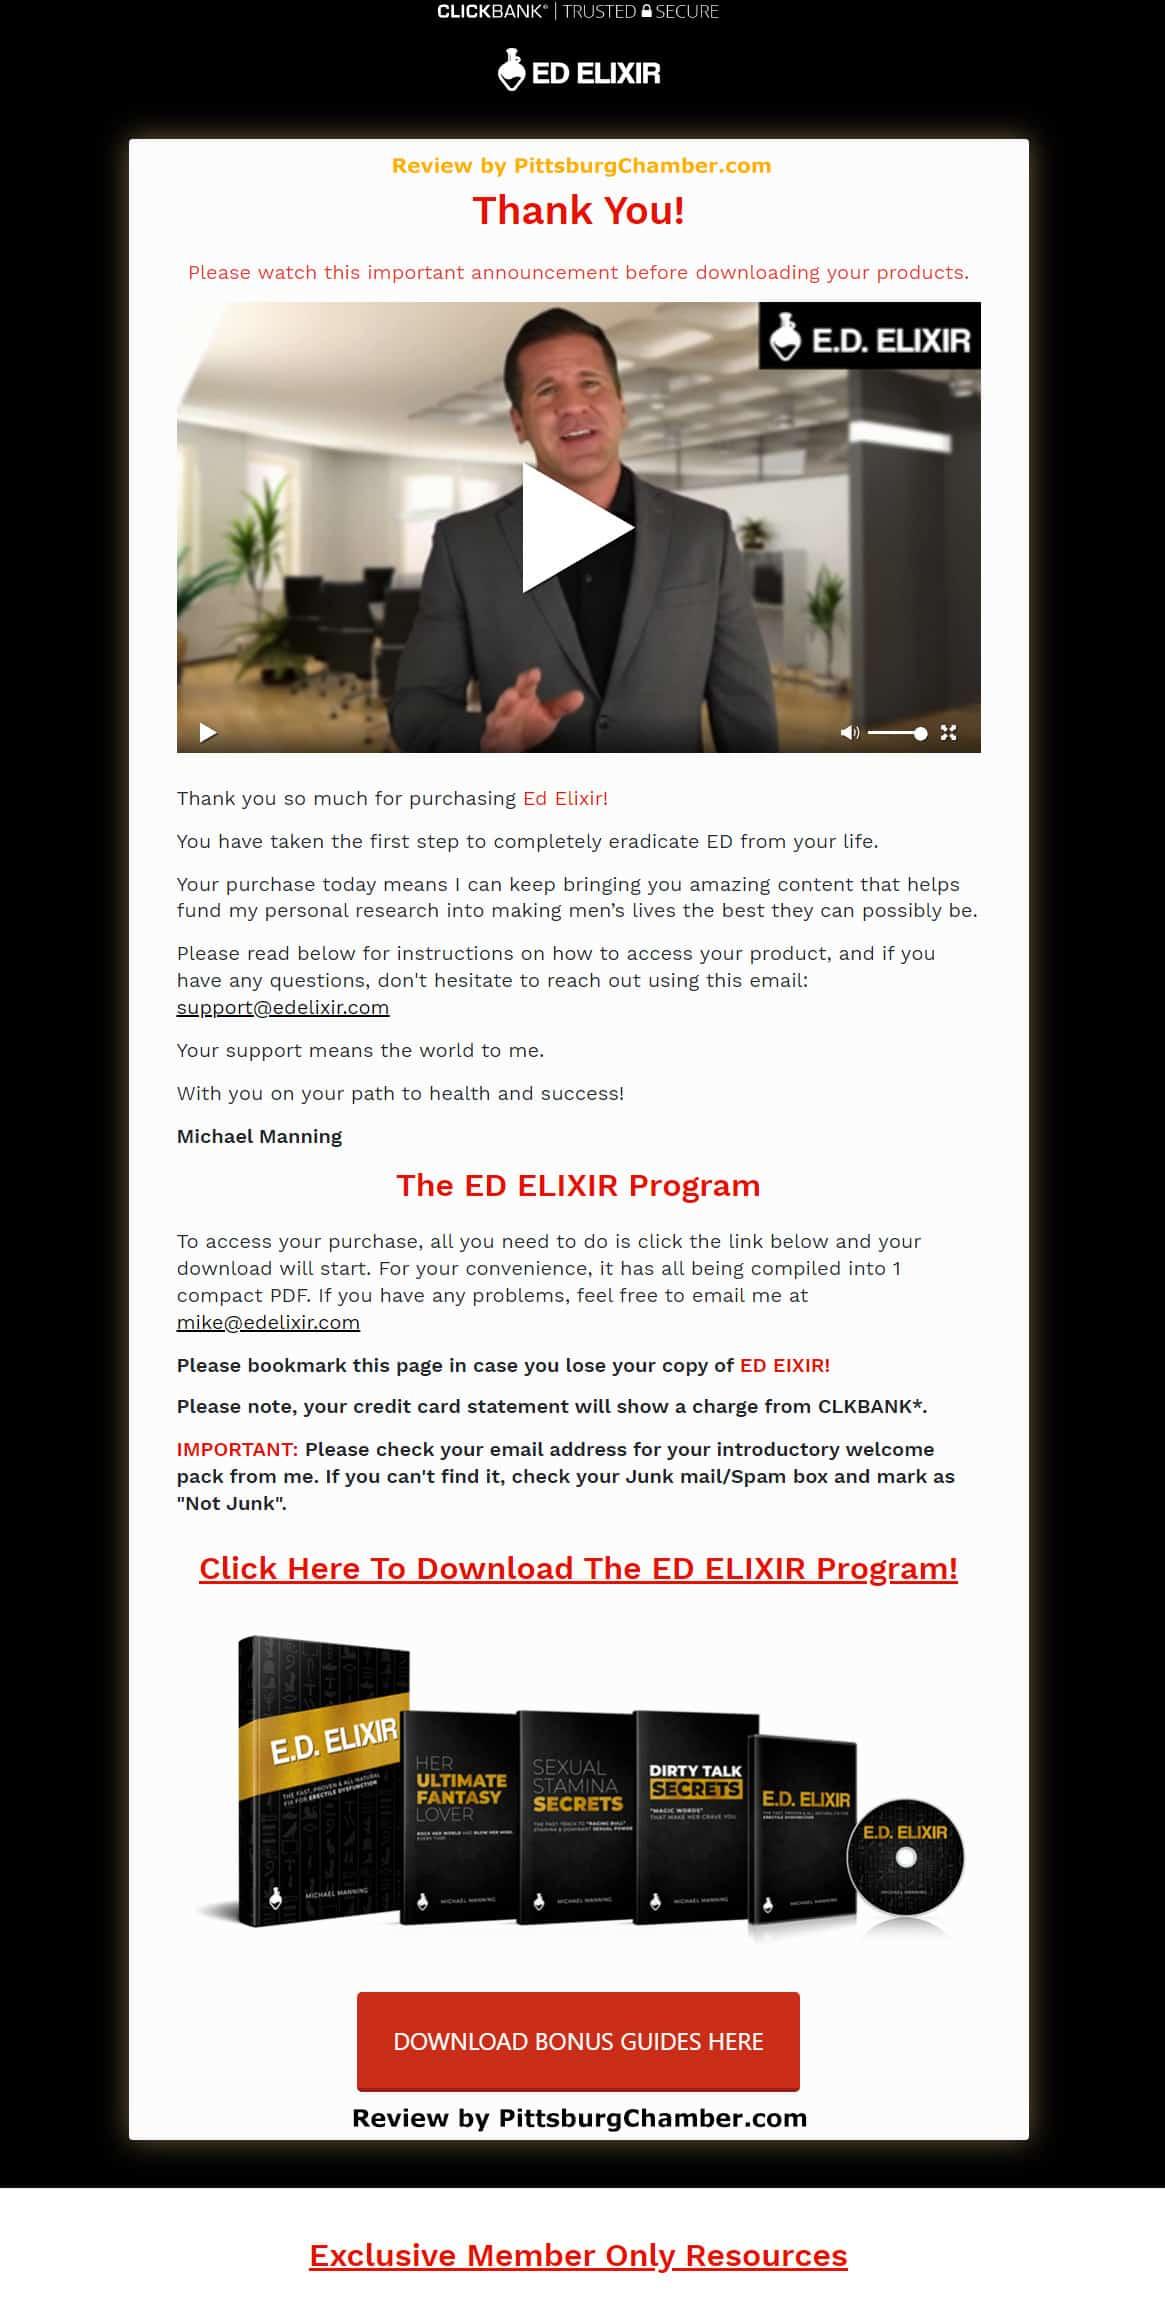 E.D. Elixir Download Page